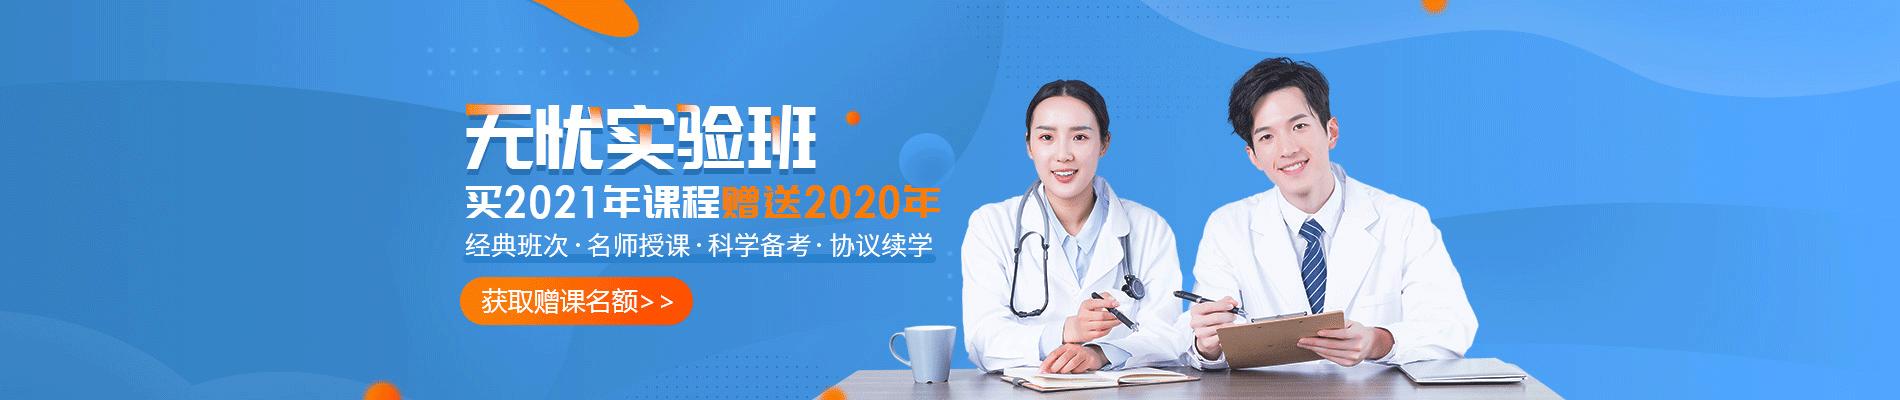 江门执业药师培训